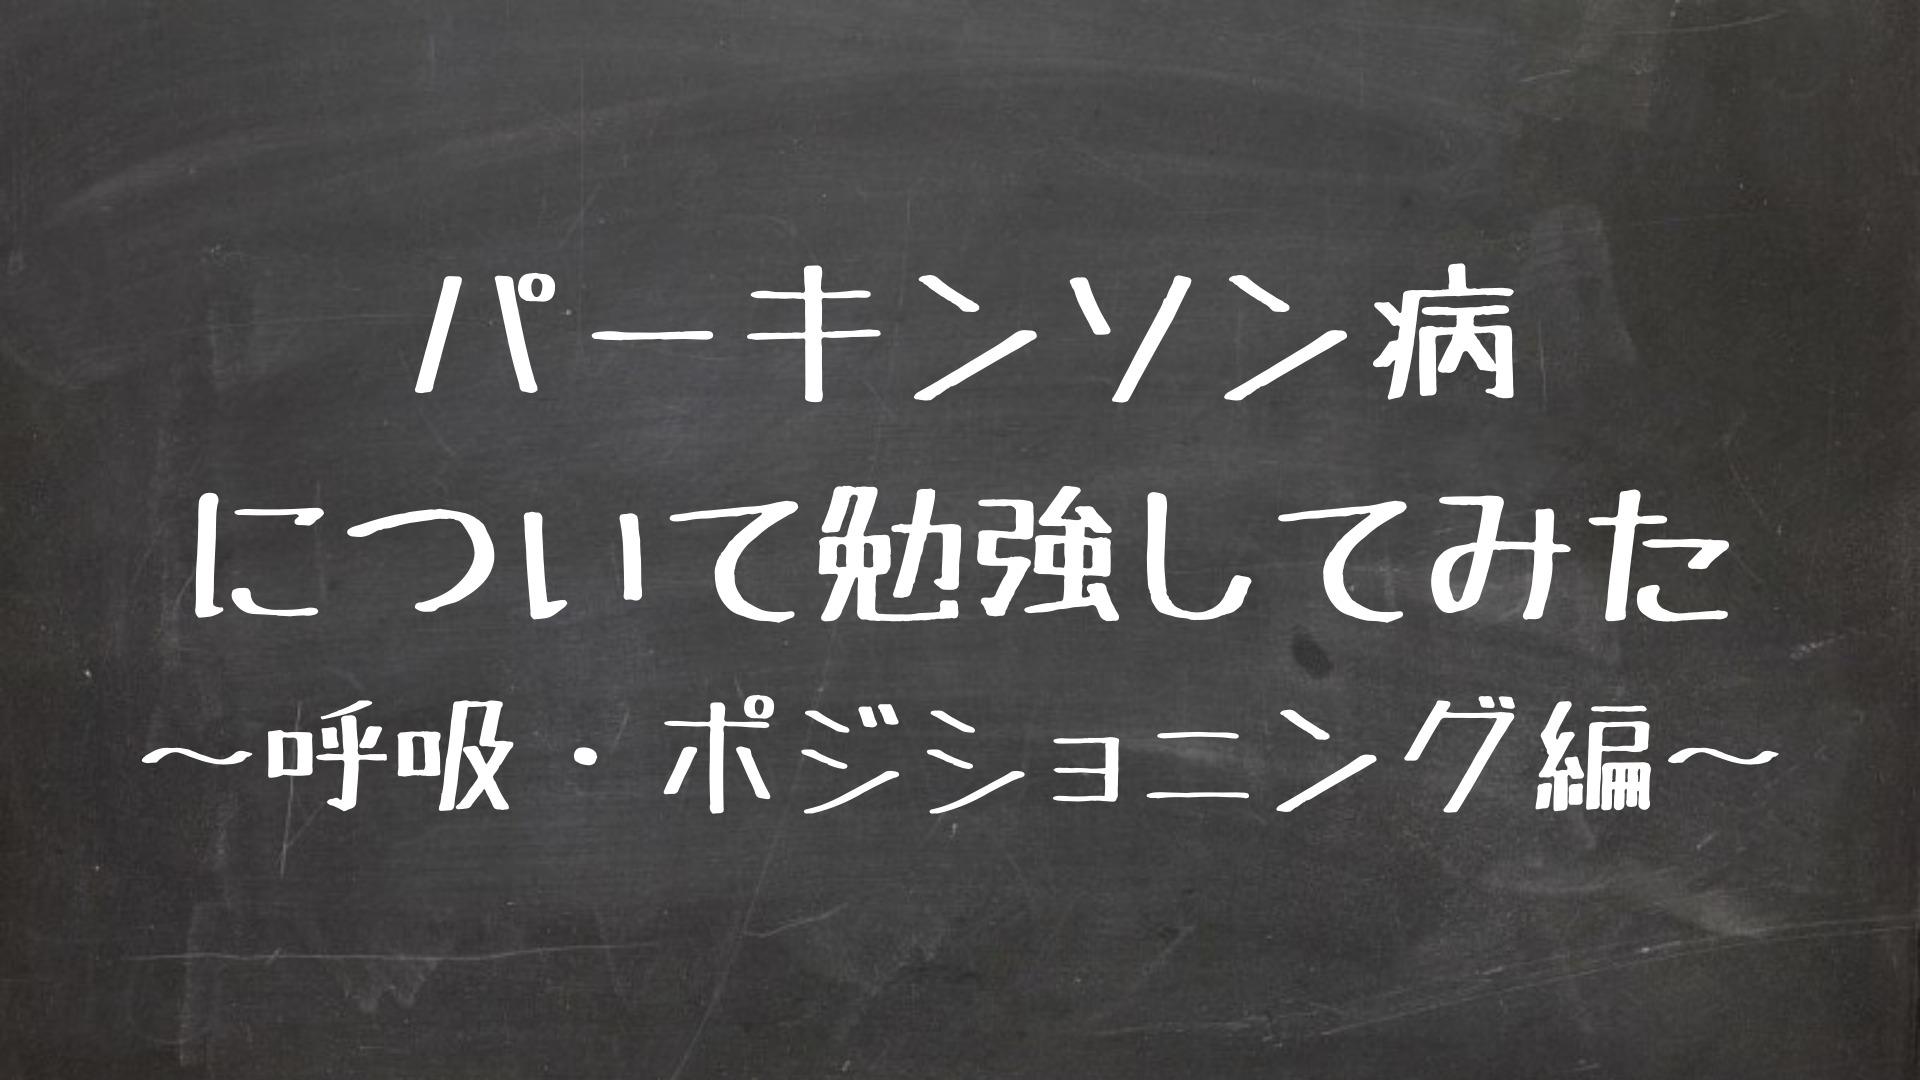 パーキンソン病について勉強してみた 〜呼吸・ポジショニング編〜